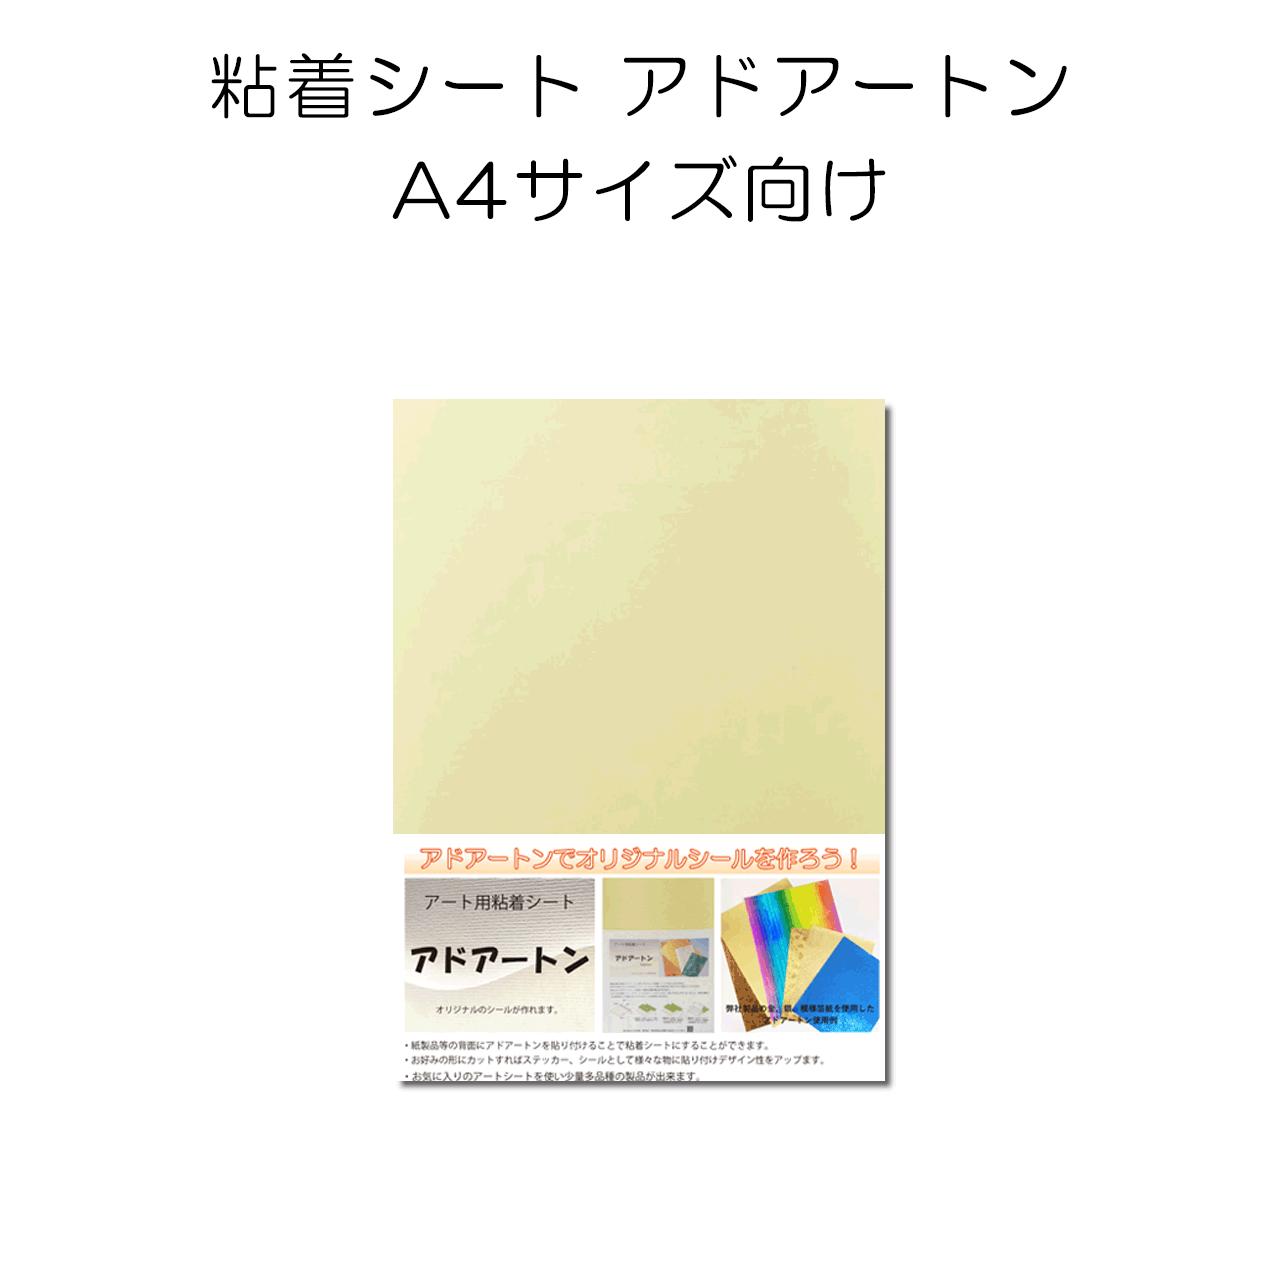 ADA-A34